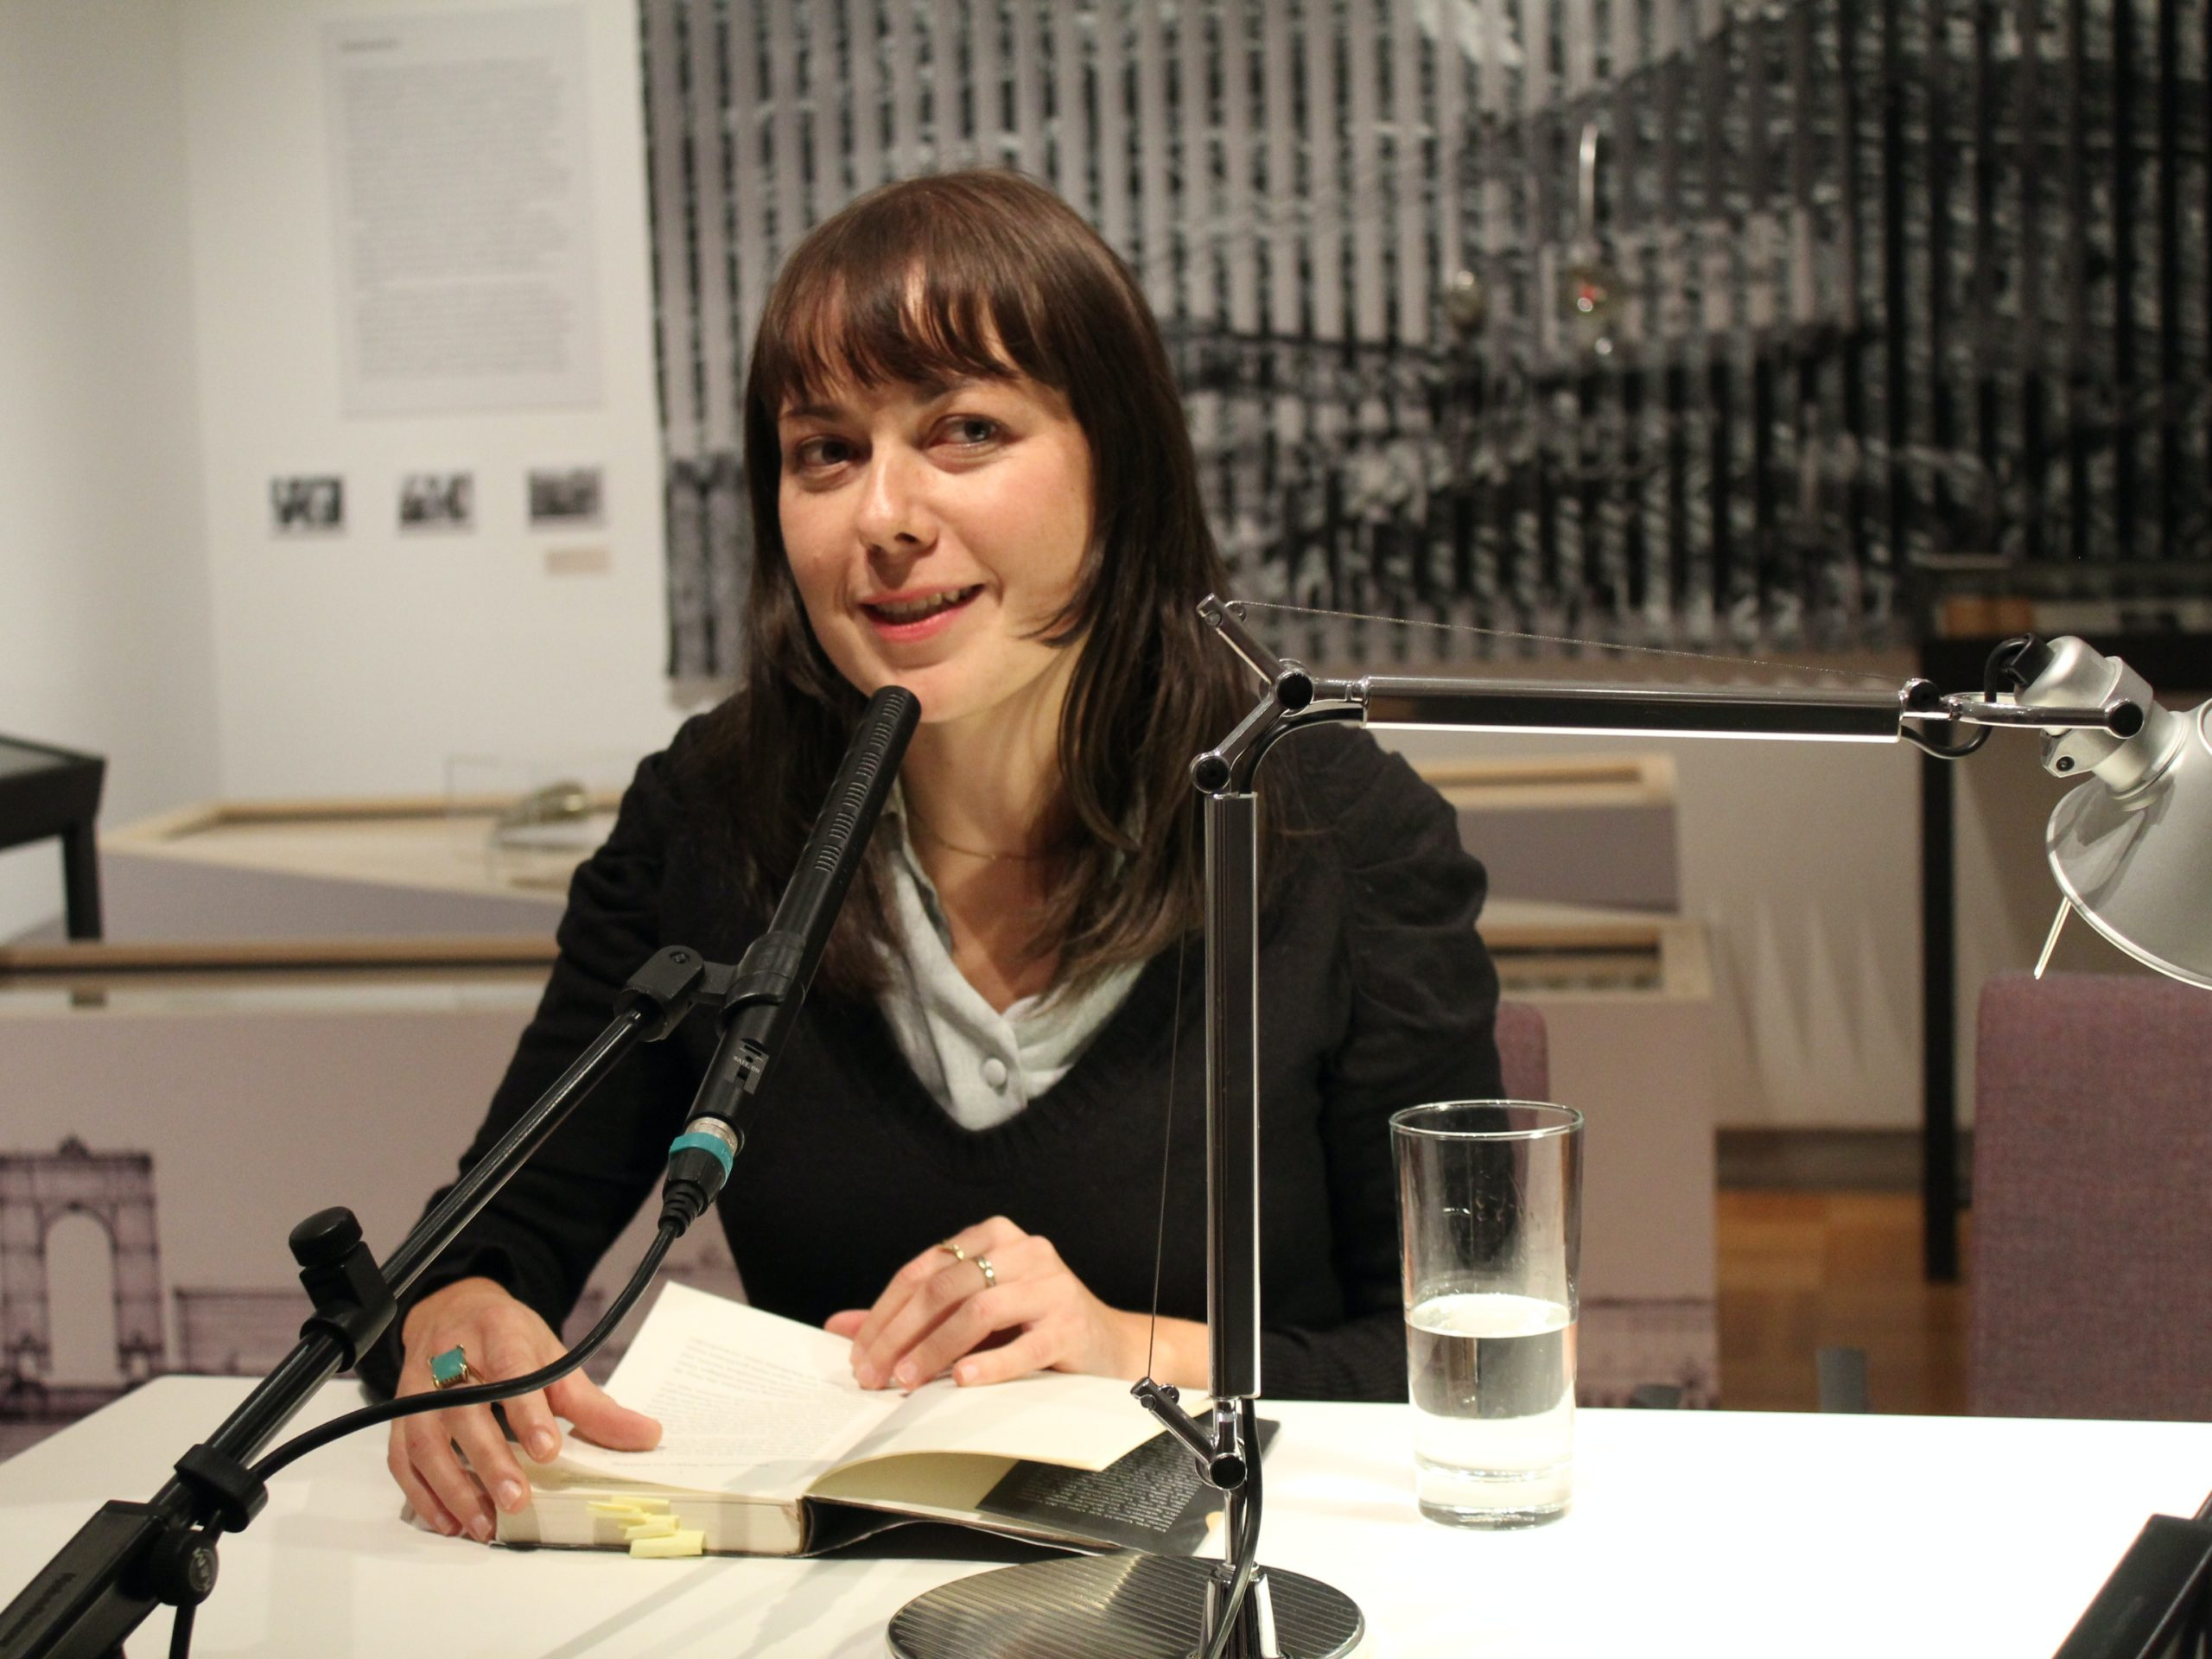 Tino Schlench - Literaturpalast - Stifterhaus Linz - Dana von Suffrin